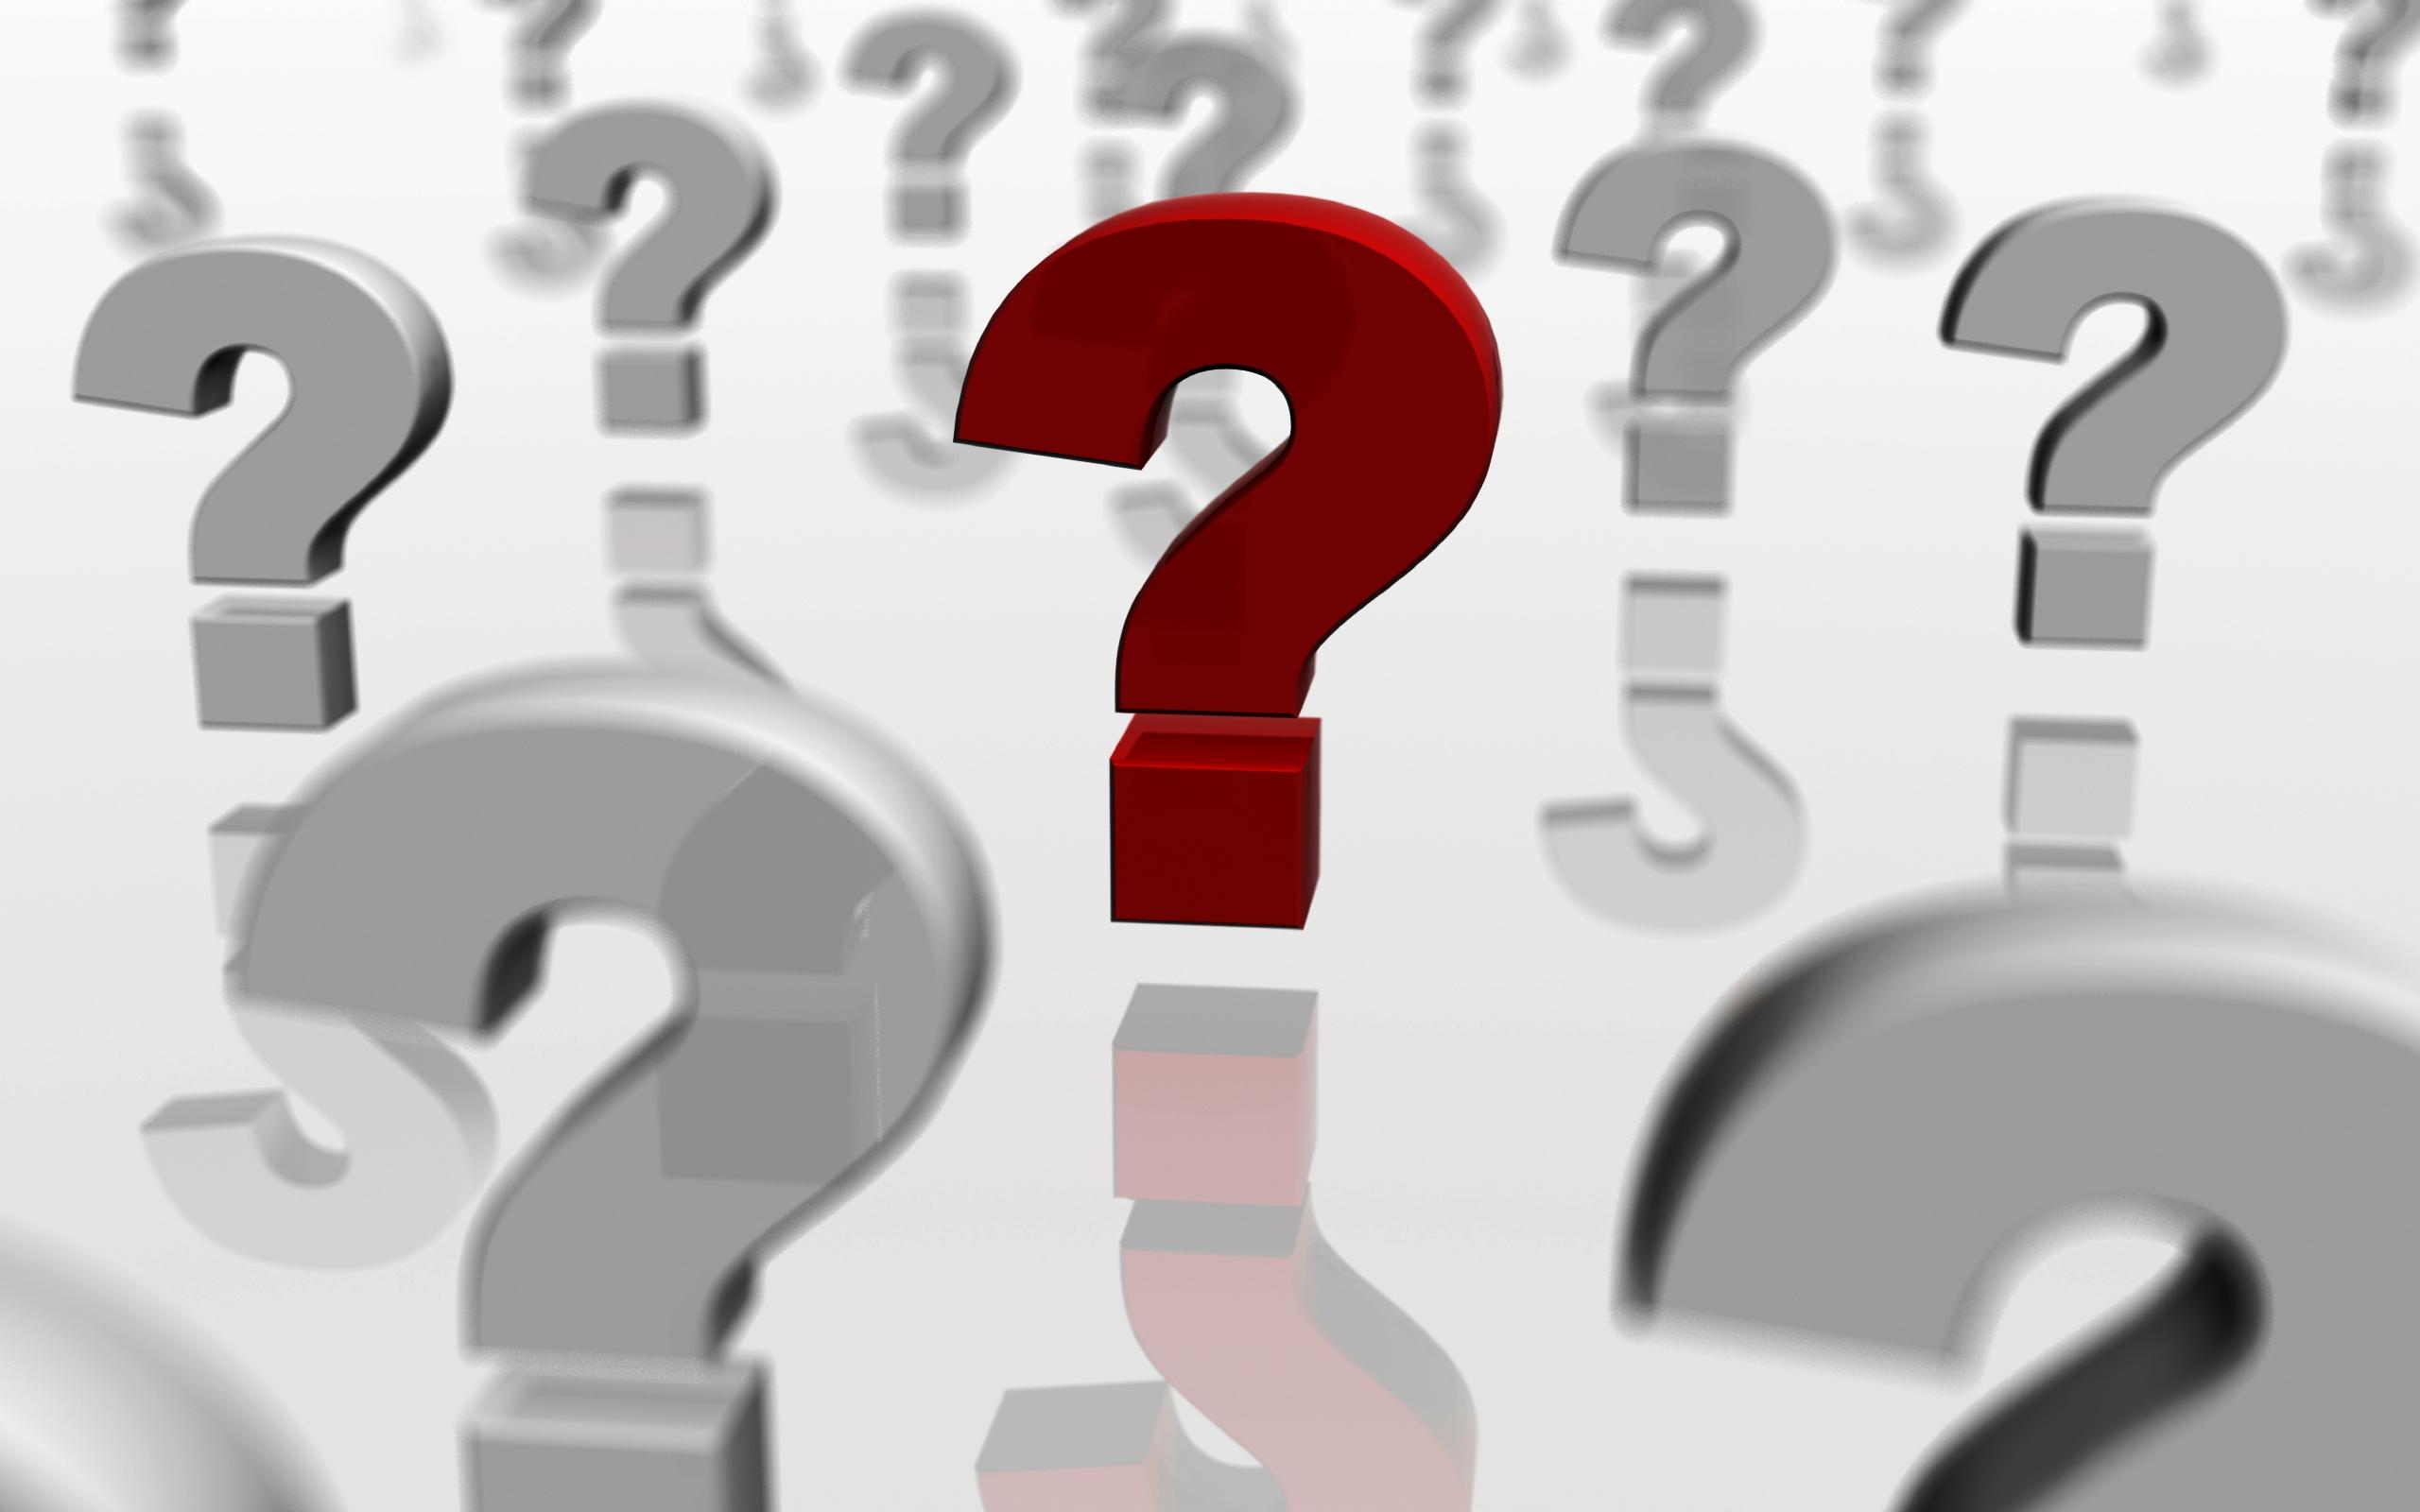 Кто такие суруриты, мадхалиты и такфириты?